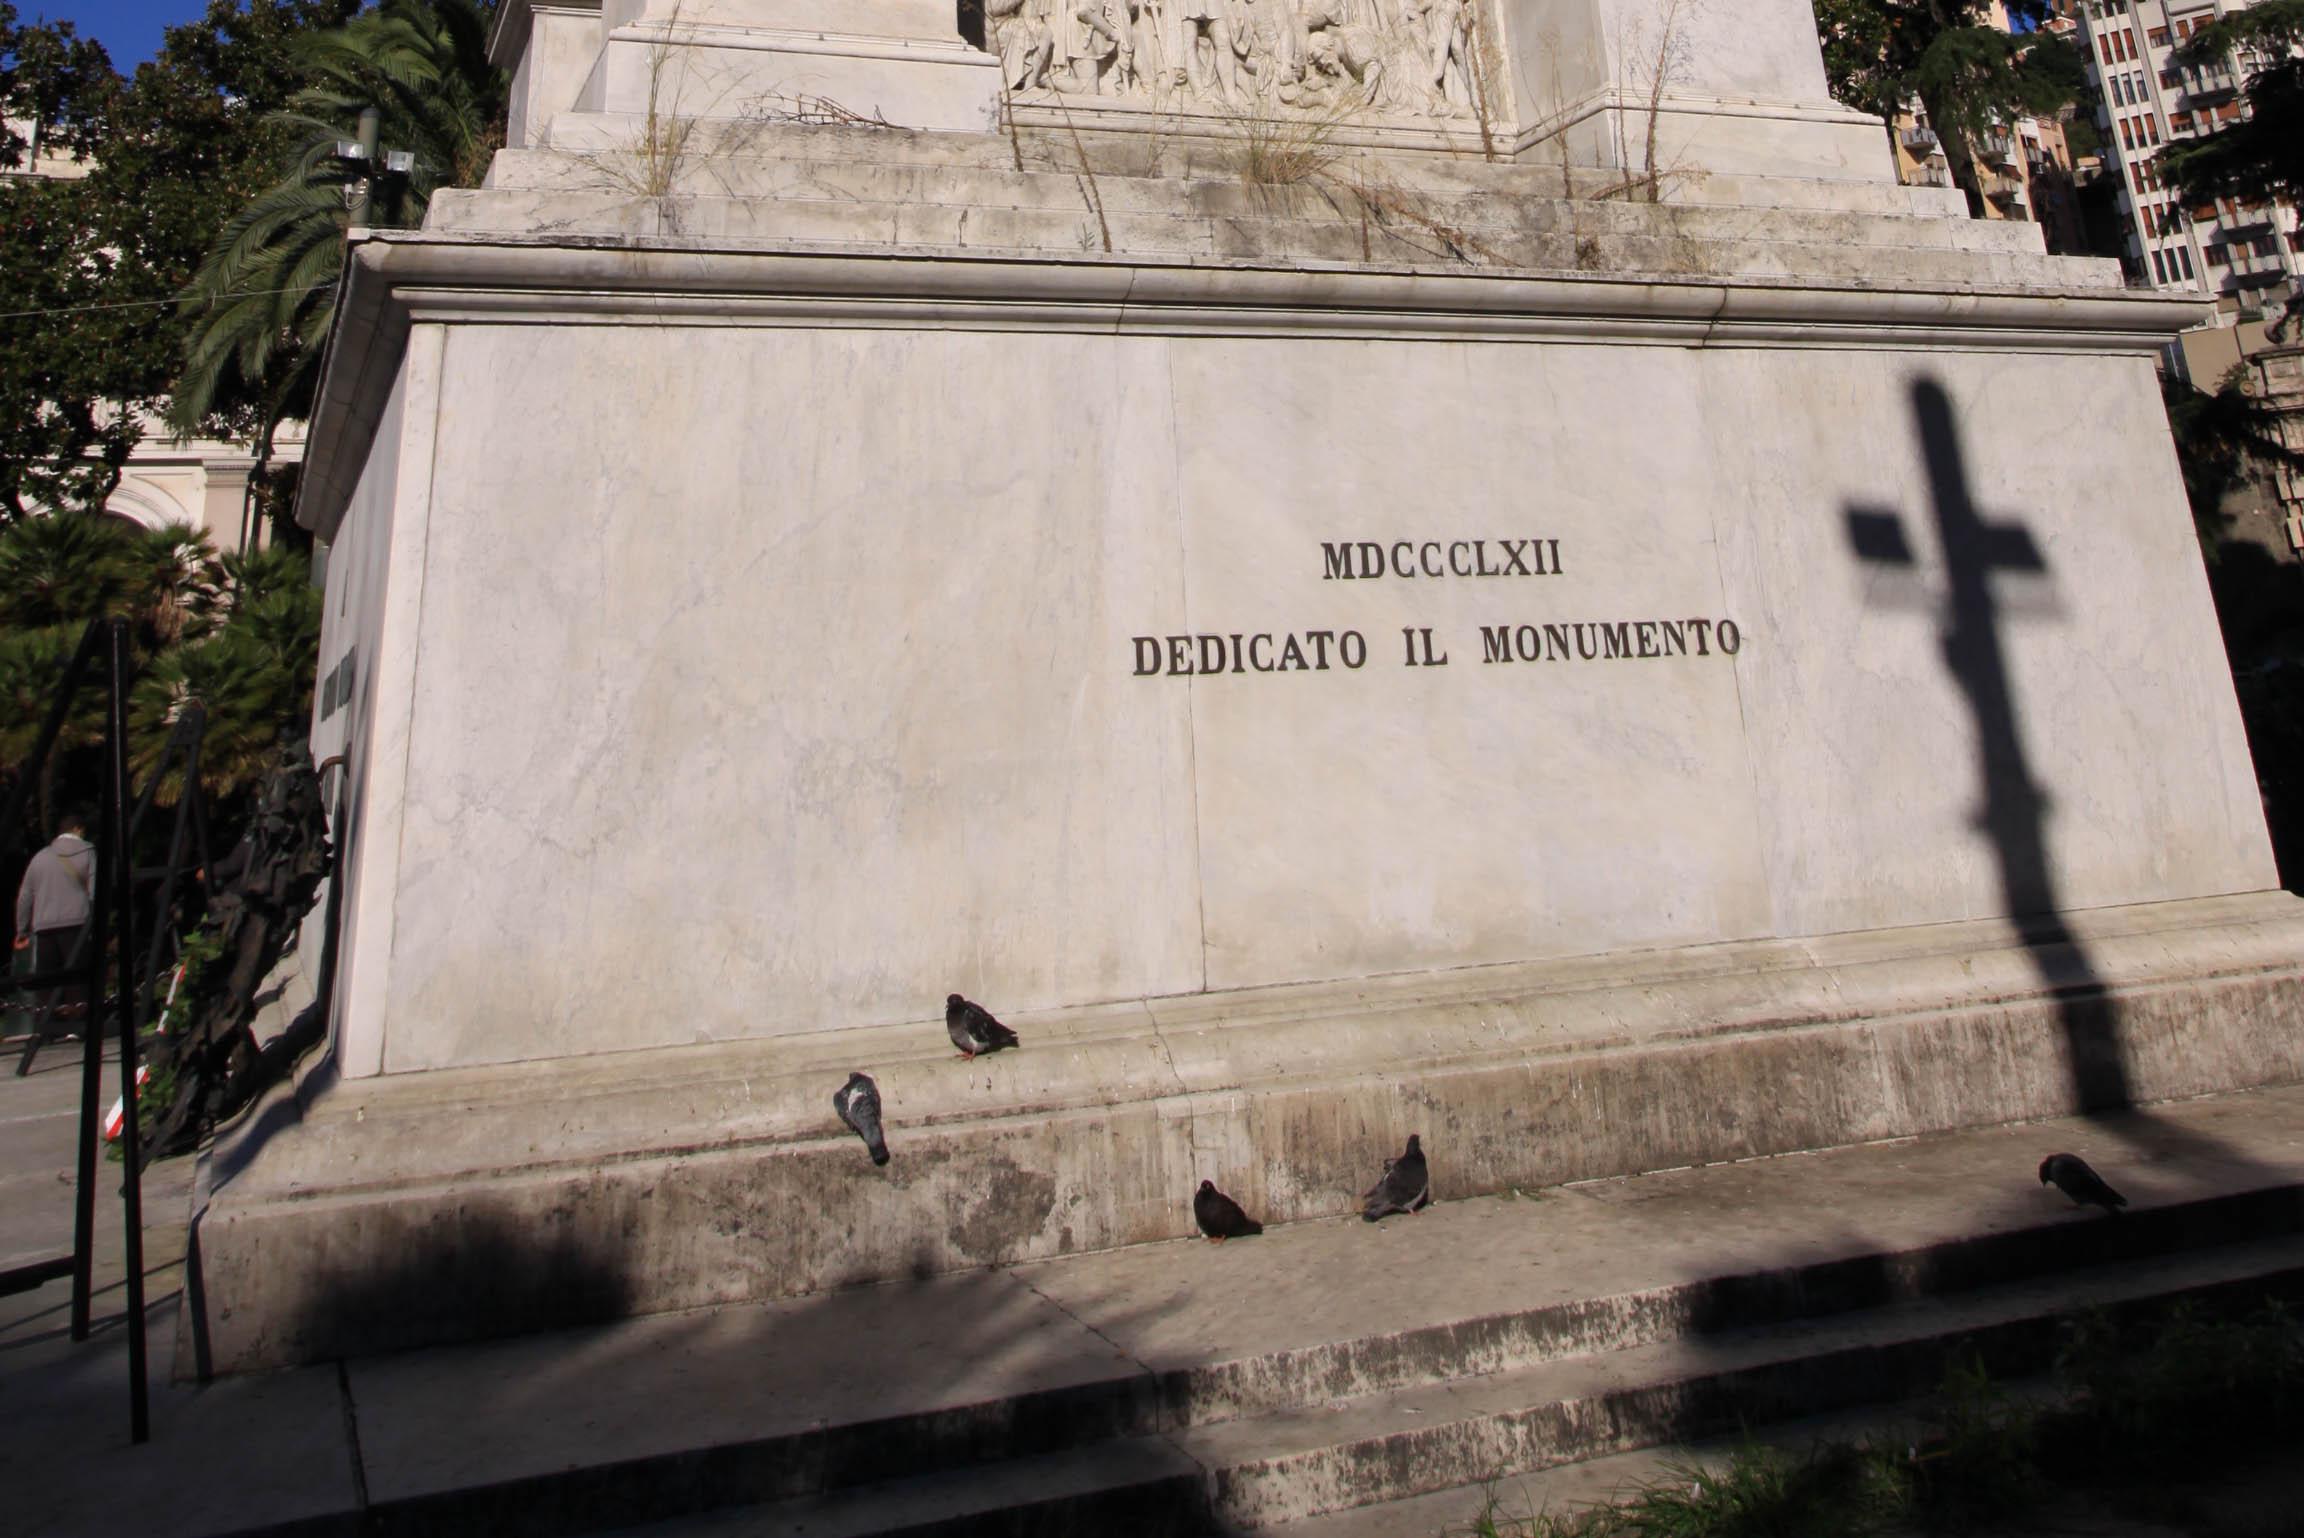 L'epigrafe posizionata a Est - 1862 Dedicato il monumento